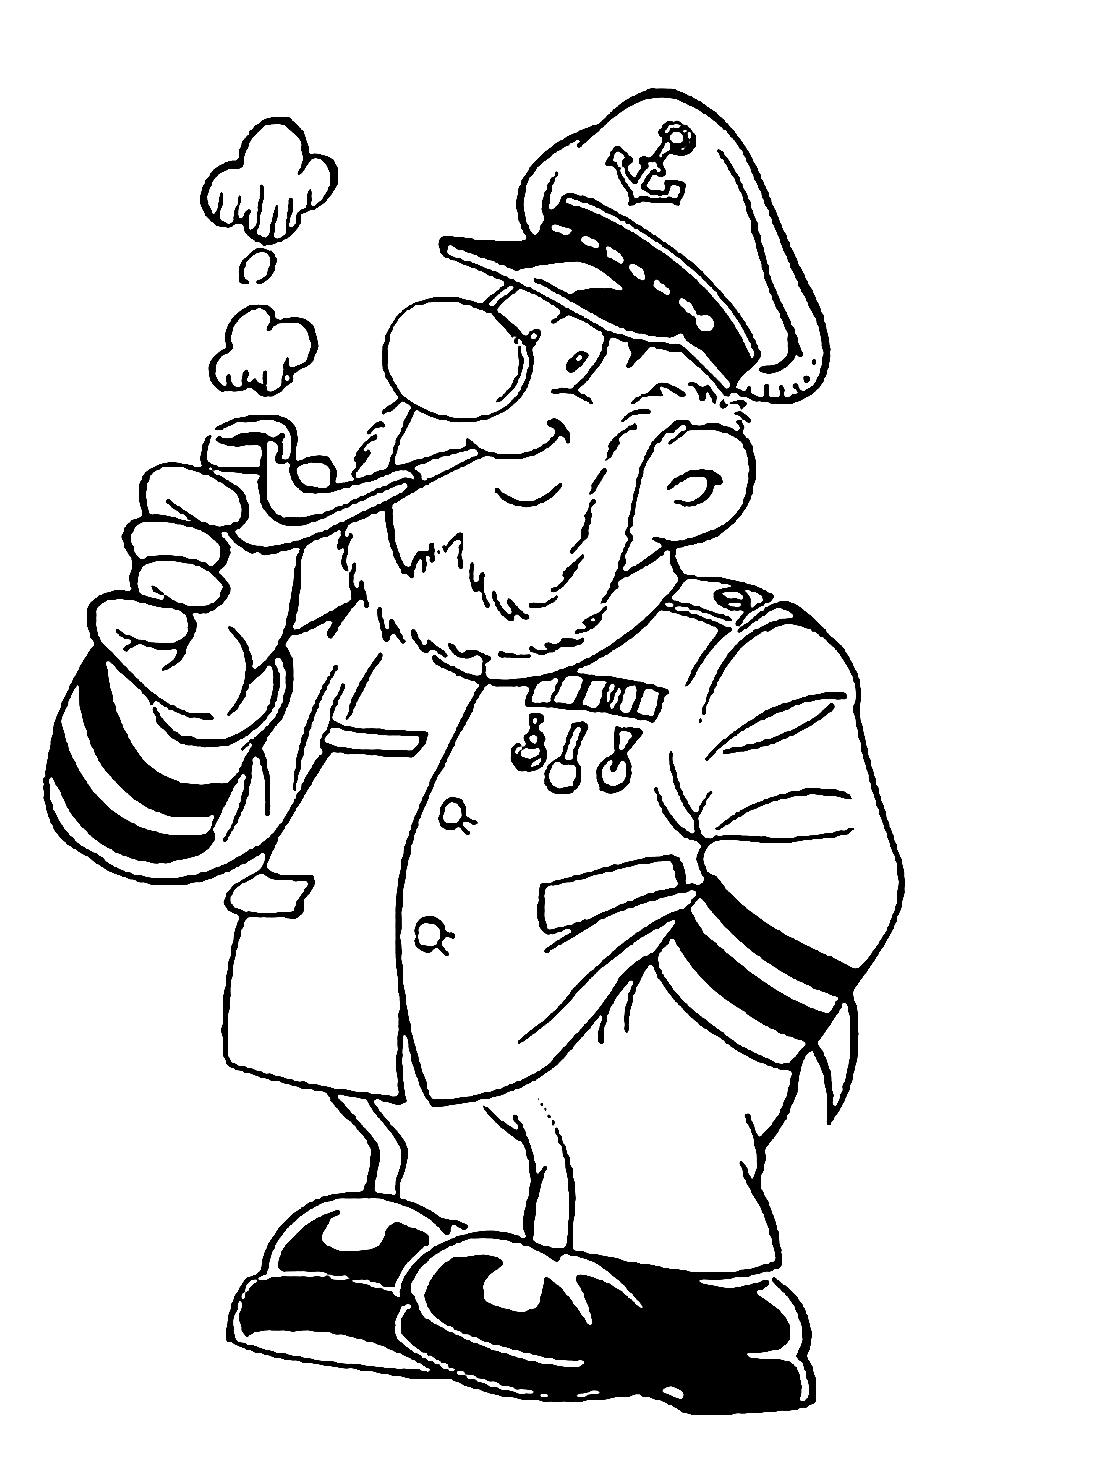 профессия моряк рисунок есть, рекламщики